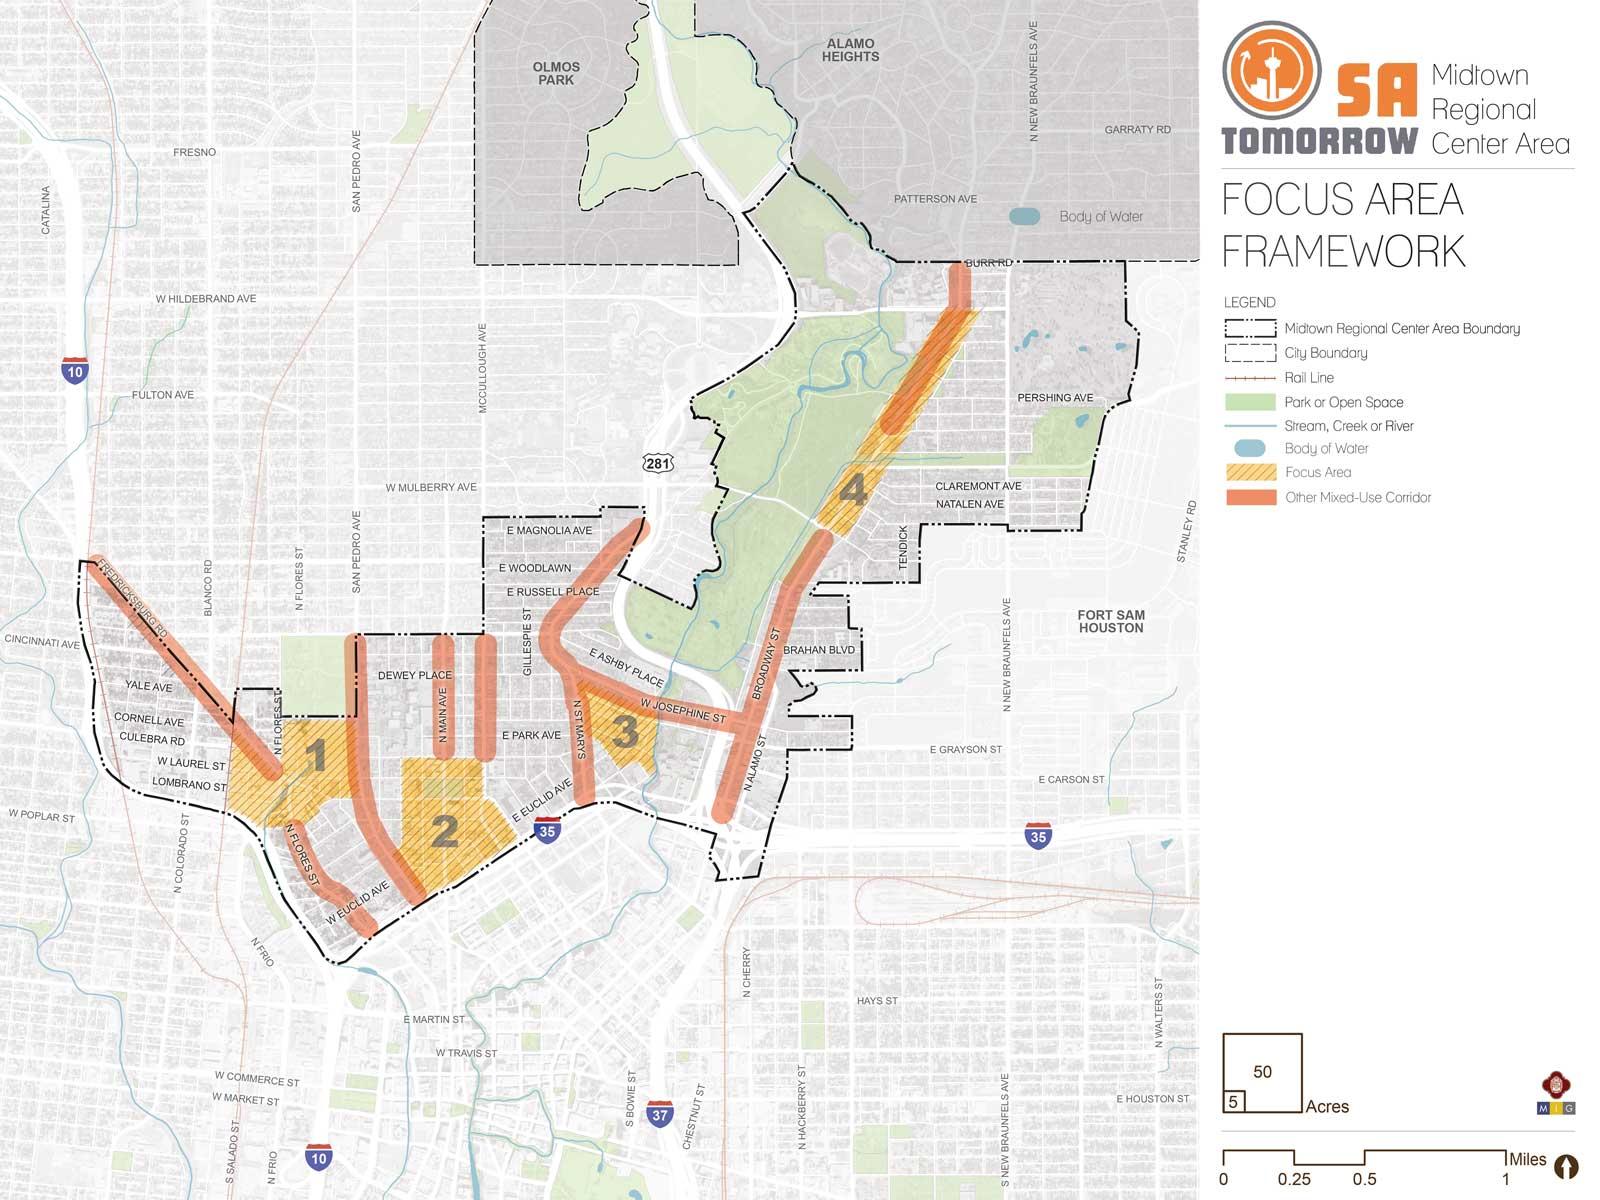 Focus Areas - - Midtown Area Regional Center